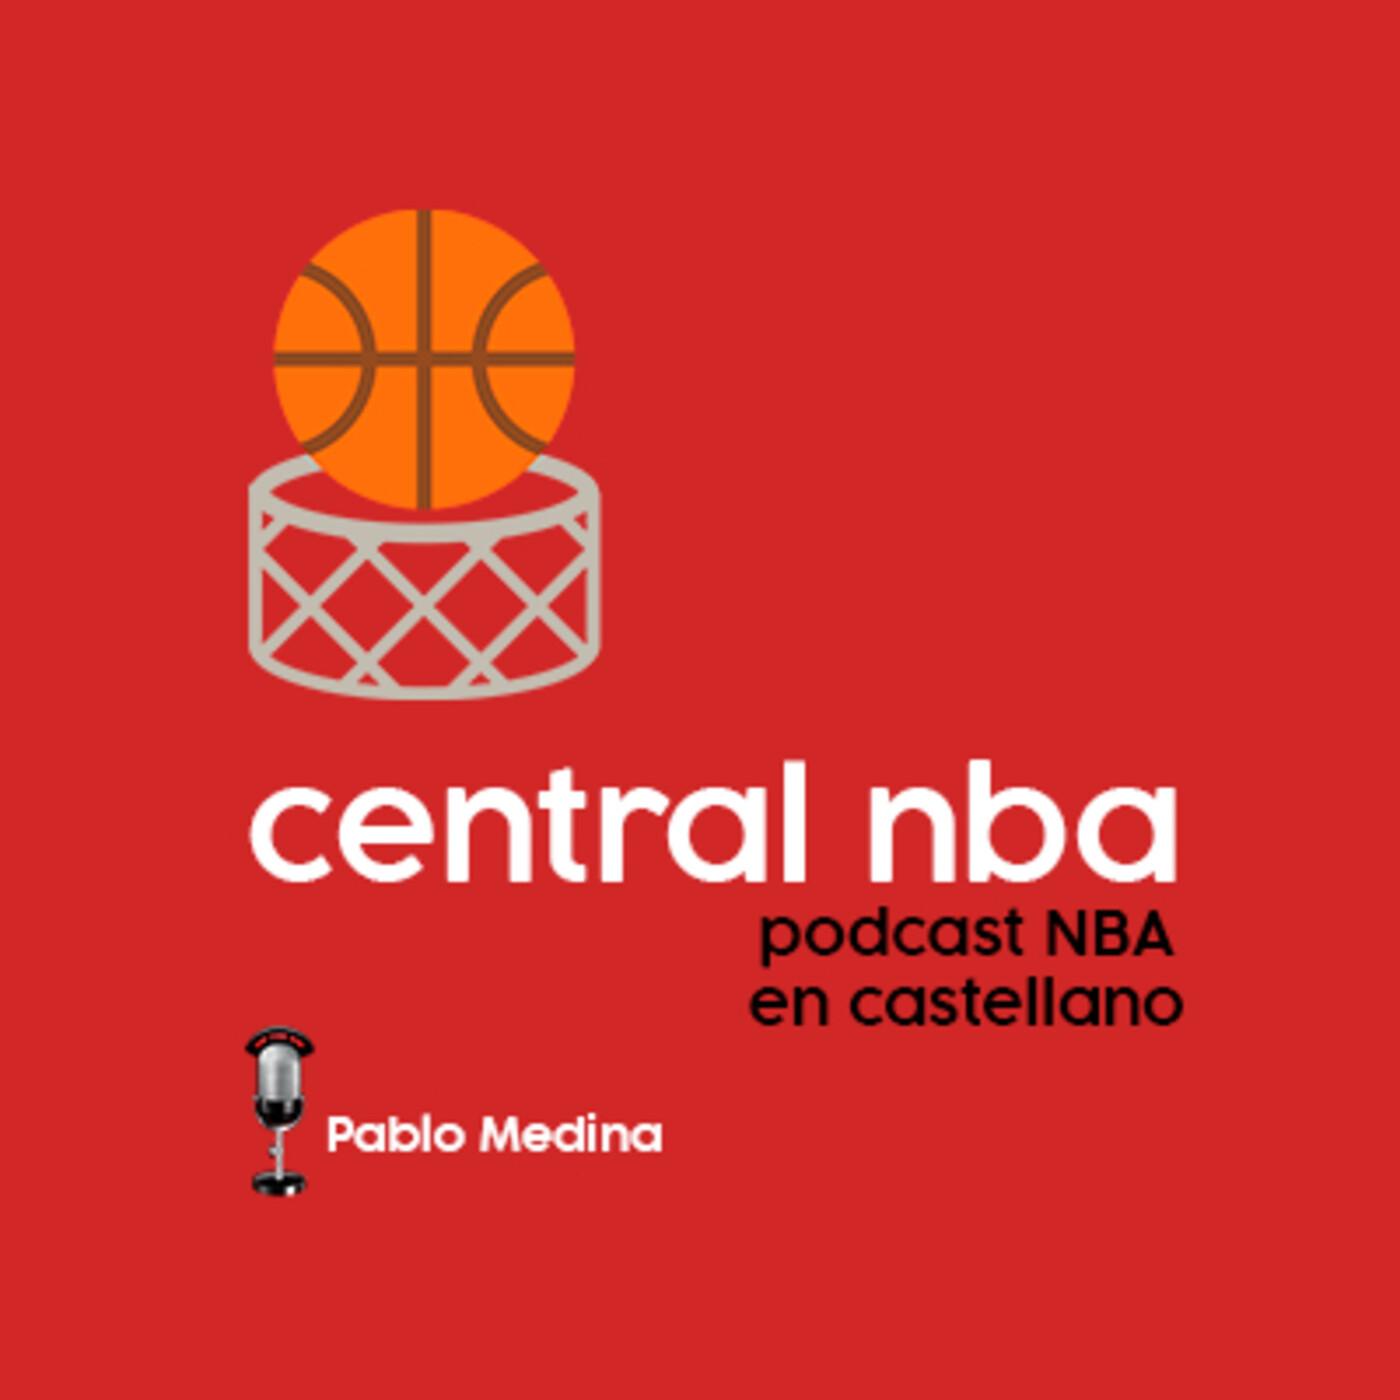 PREVIA FINALES de la NBA: MIAMI HEAT - ¿Cómo afrontan las FINALES? - CENTRAL NBA #43 (30/09/2020)